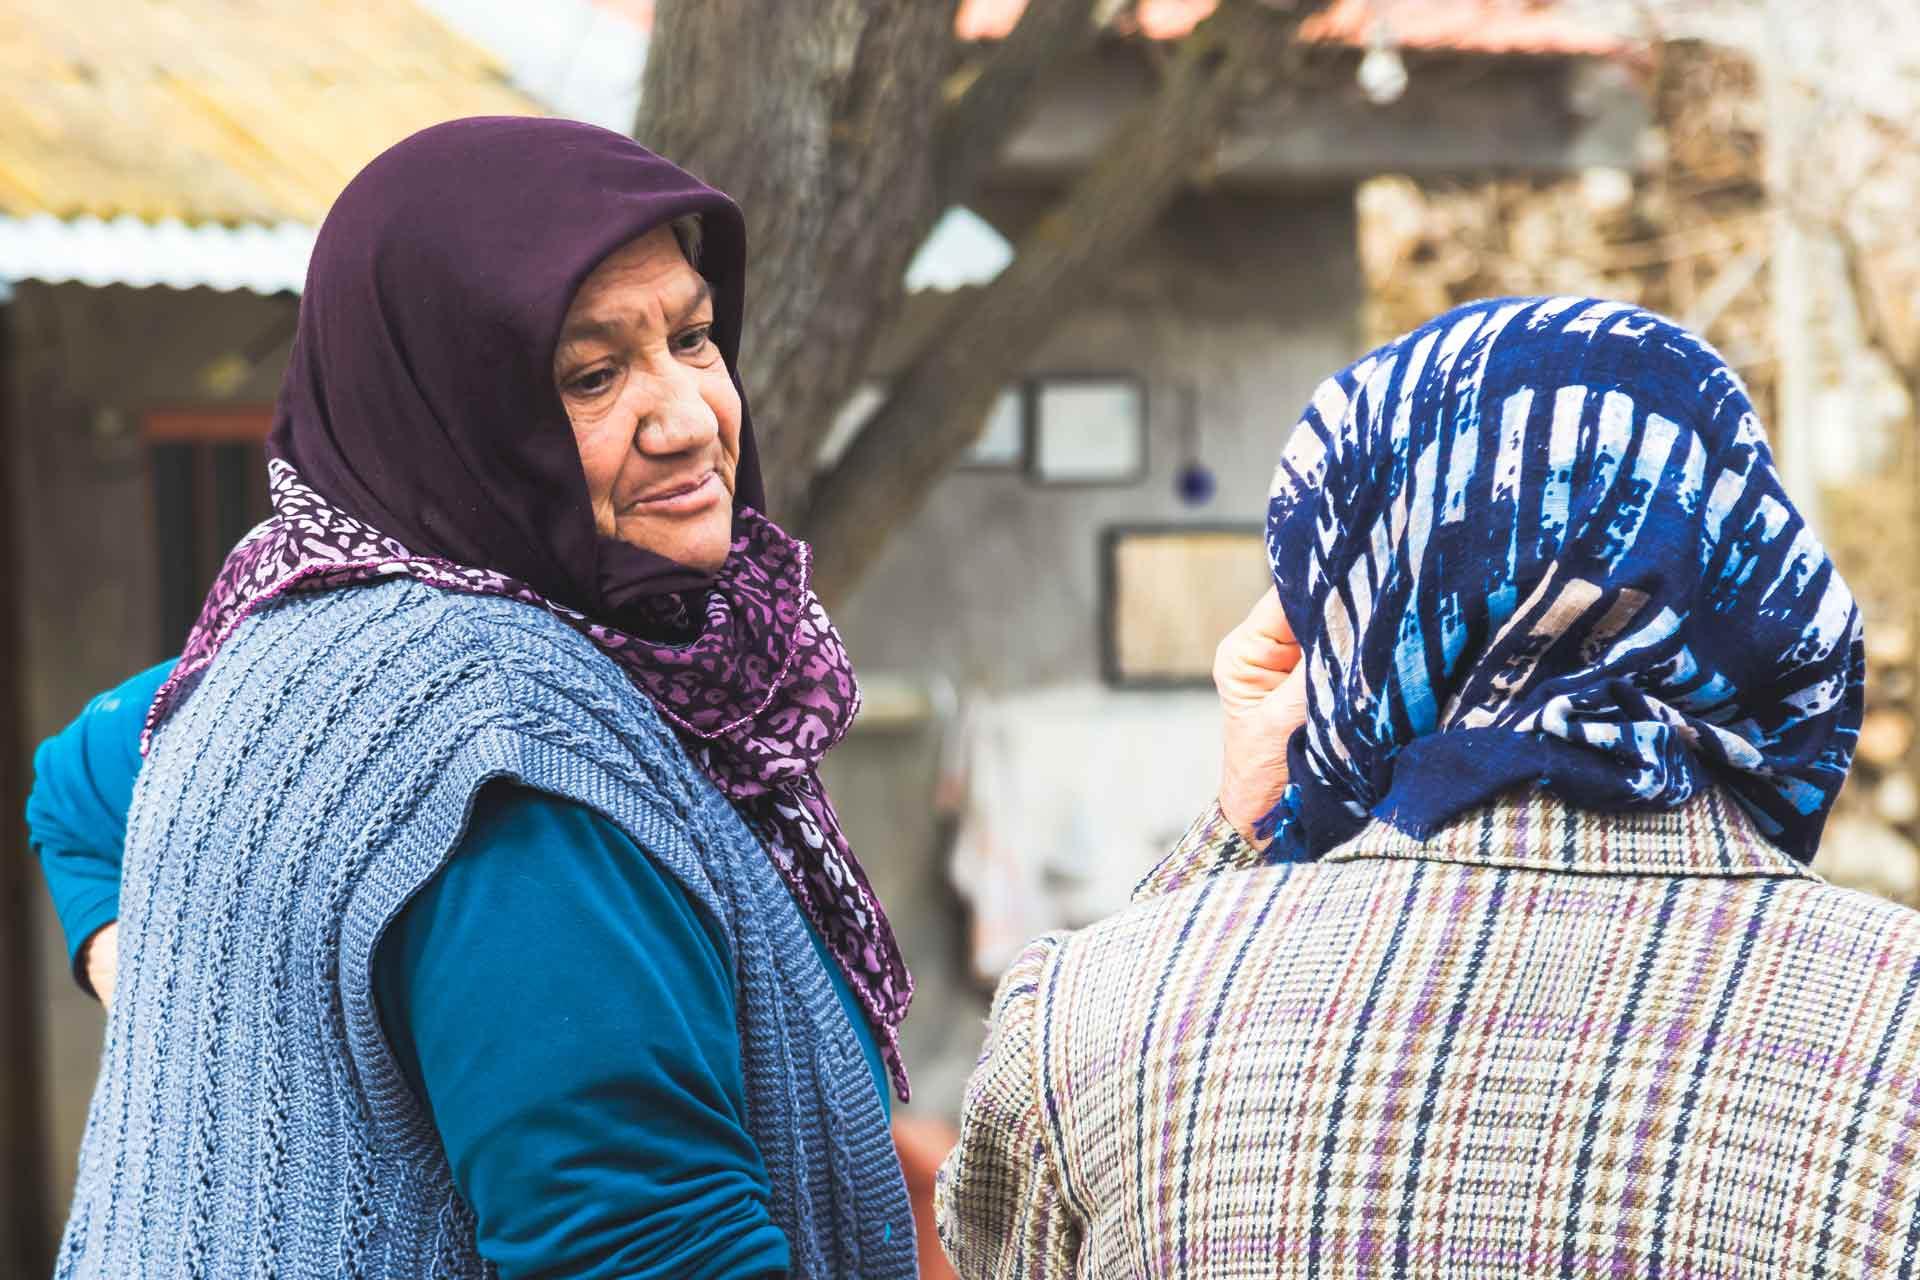 Burdur Aksu köyü fotoğrafları Ataylar Alabalık Tesisleri Gezgin Fotoğrafçı Çekergezer Hakan Aydın